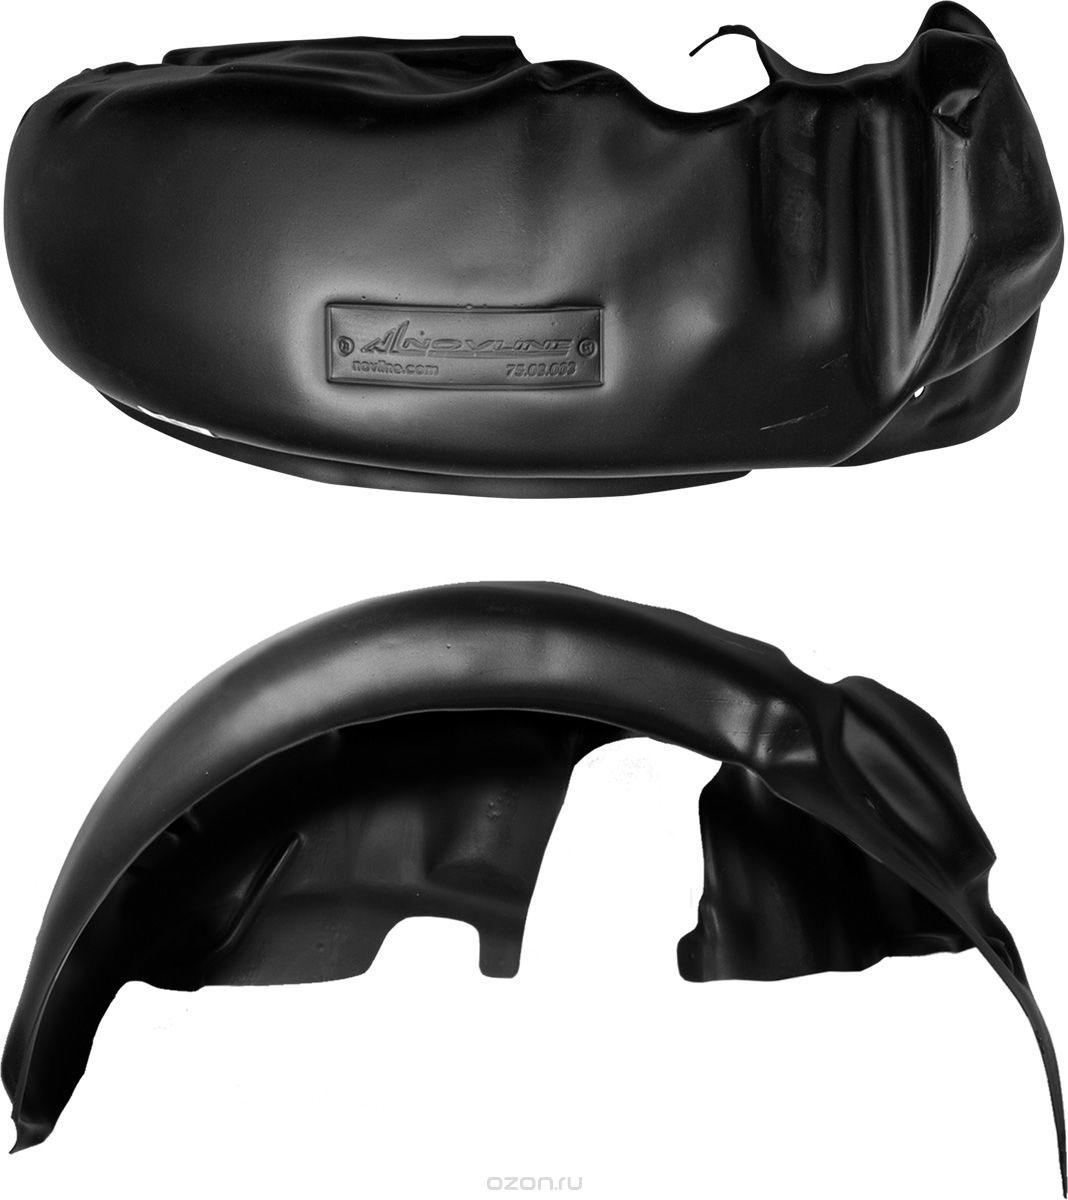 Подкрылок Novline-Autofamily, для PEUGEOT Boxer /CITROEN Jumper, передний левый с расширителями арок, 2006-2014NLL.38.19.001Идеальная защита колесной ниши. Локеры разработаны с применением цифровых технологий, гарантируют максимальную повторяемость поверхности арки. Изделия устанавливаются без нарушения лакокрасочного покрытия автомобиля, каждый подкрылок комплектуется крепежом. Уважаемые клиенты, обращаем ваше внимание, что фотографии на подкрылки универсальные и не отражают реальную форму изделия. При этом само изделие идет точно под размер указанного автомобиля.